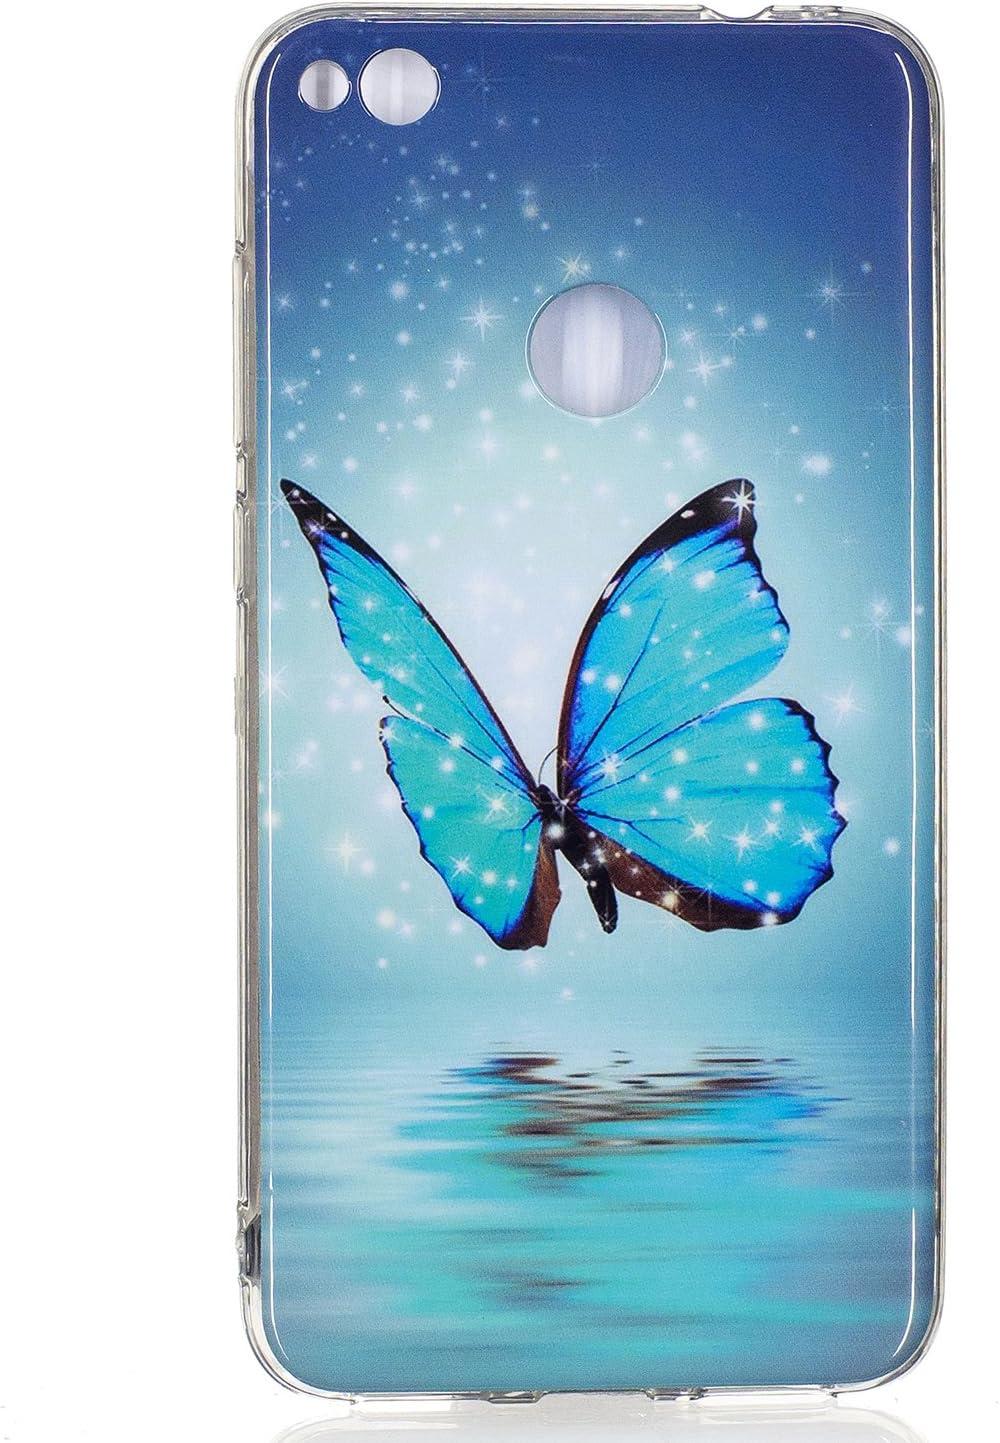 ISAKEN Compatibile con Huawei P8 Lite 2017 Custodia - Agganciabile Luminosa Cover Caso con Lampeggiante Ultra Sottile Morbido TPU Cover Rigida Gel ...